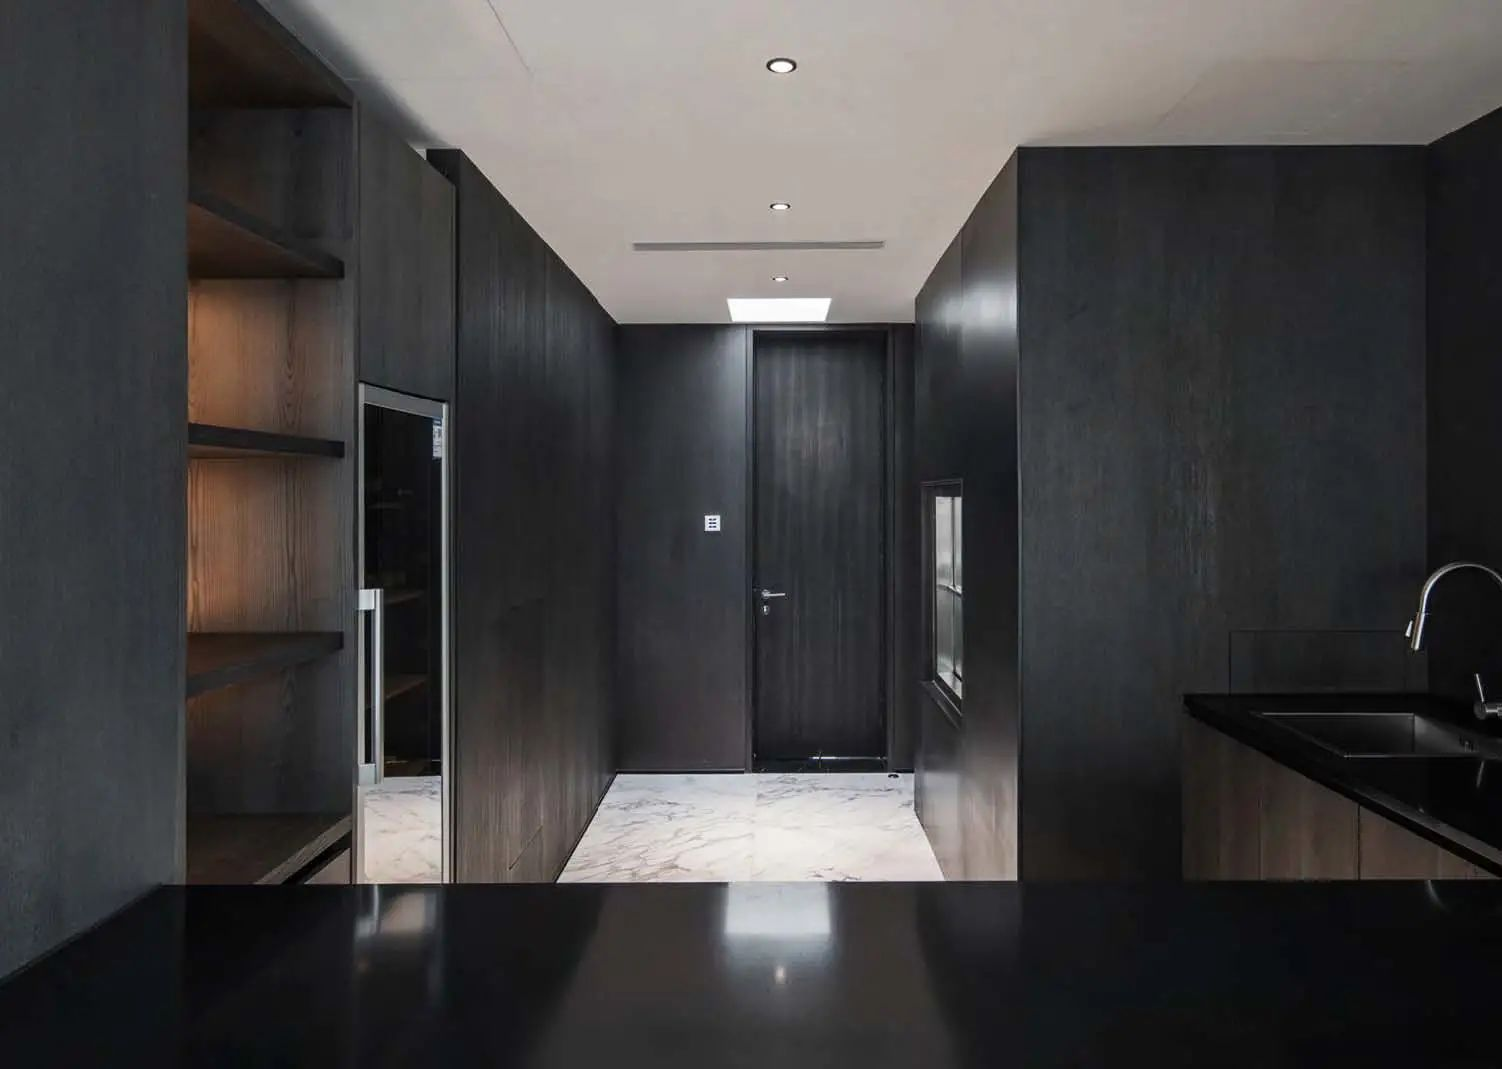 兖州 NT 私宅 建筑设计  / iNgAmEOffice 局内设计